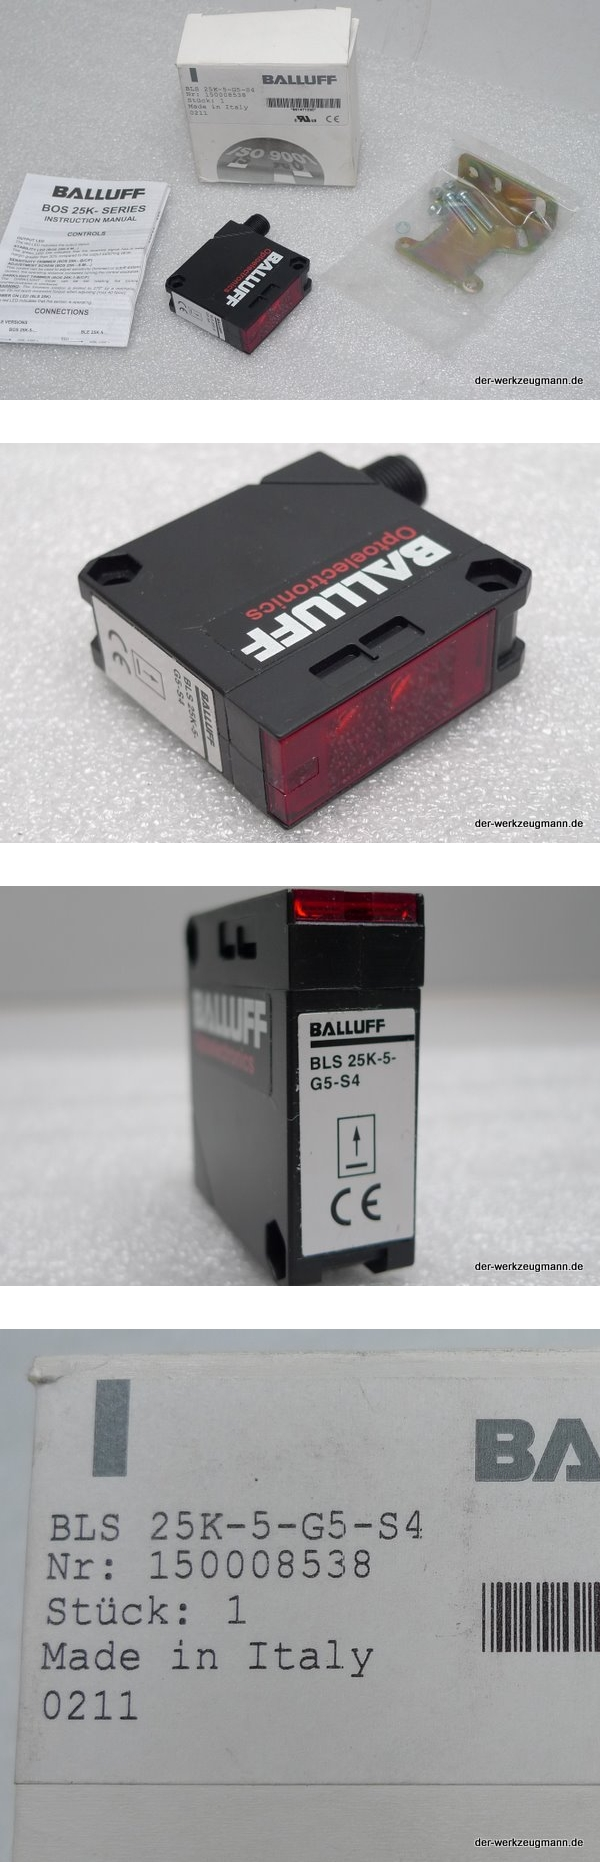 Balluff BLS 25K-5-G5-S4 Lichtschranke